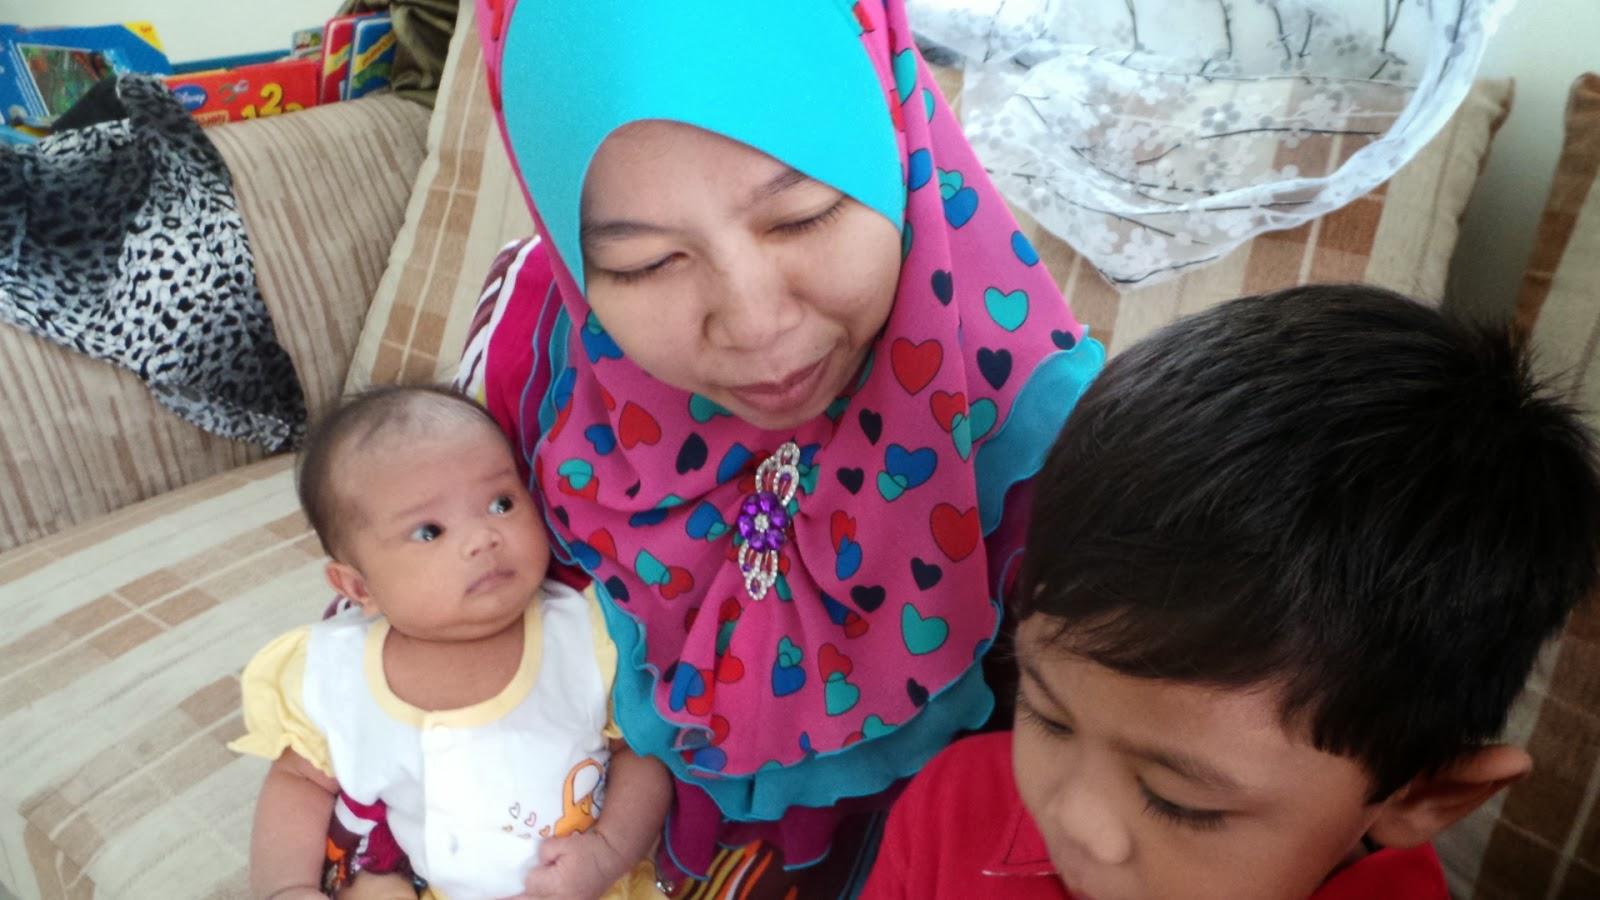 Ziarah anak sedara baru. Nurul Iman Hani. Lahir 4 Mac 2014. Operation.  Rileks jer budaknya. Cool. 41e7dec9d2